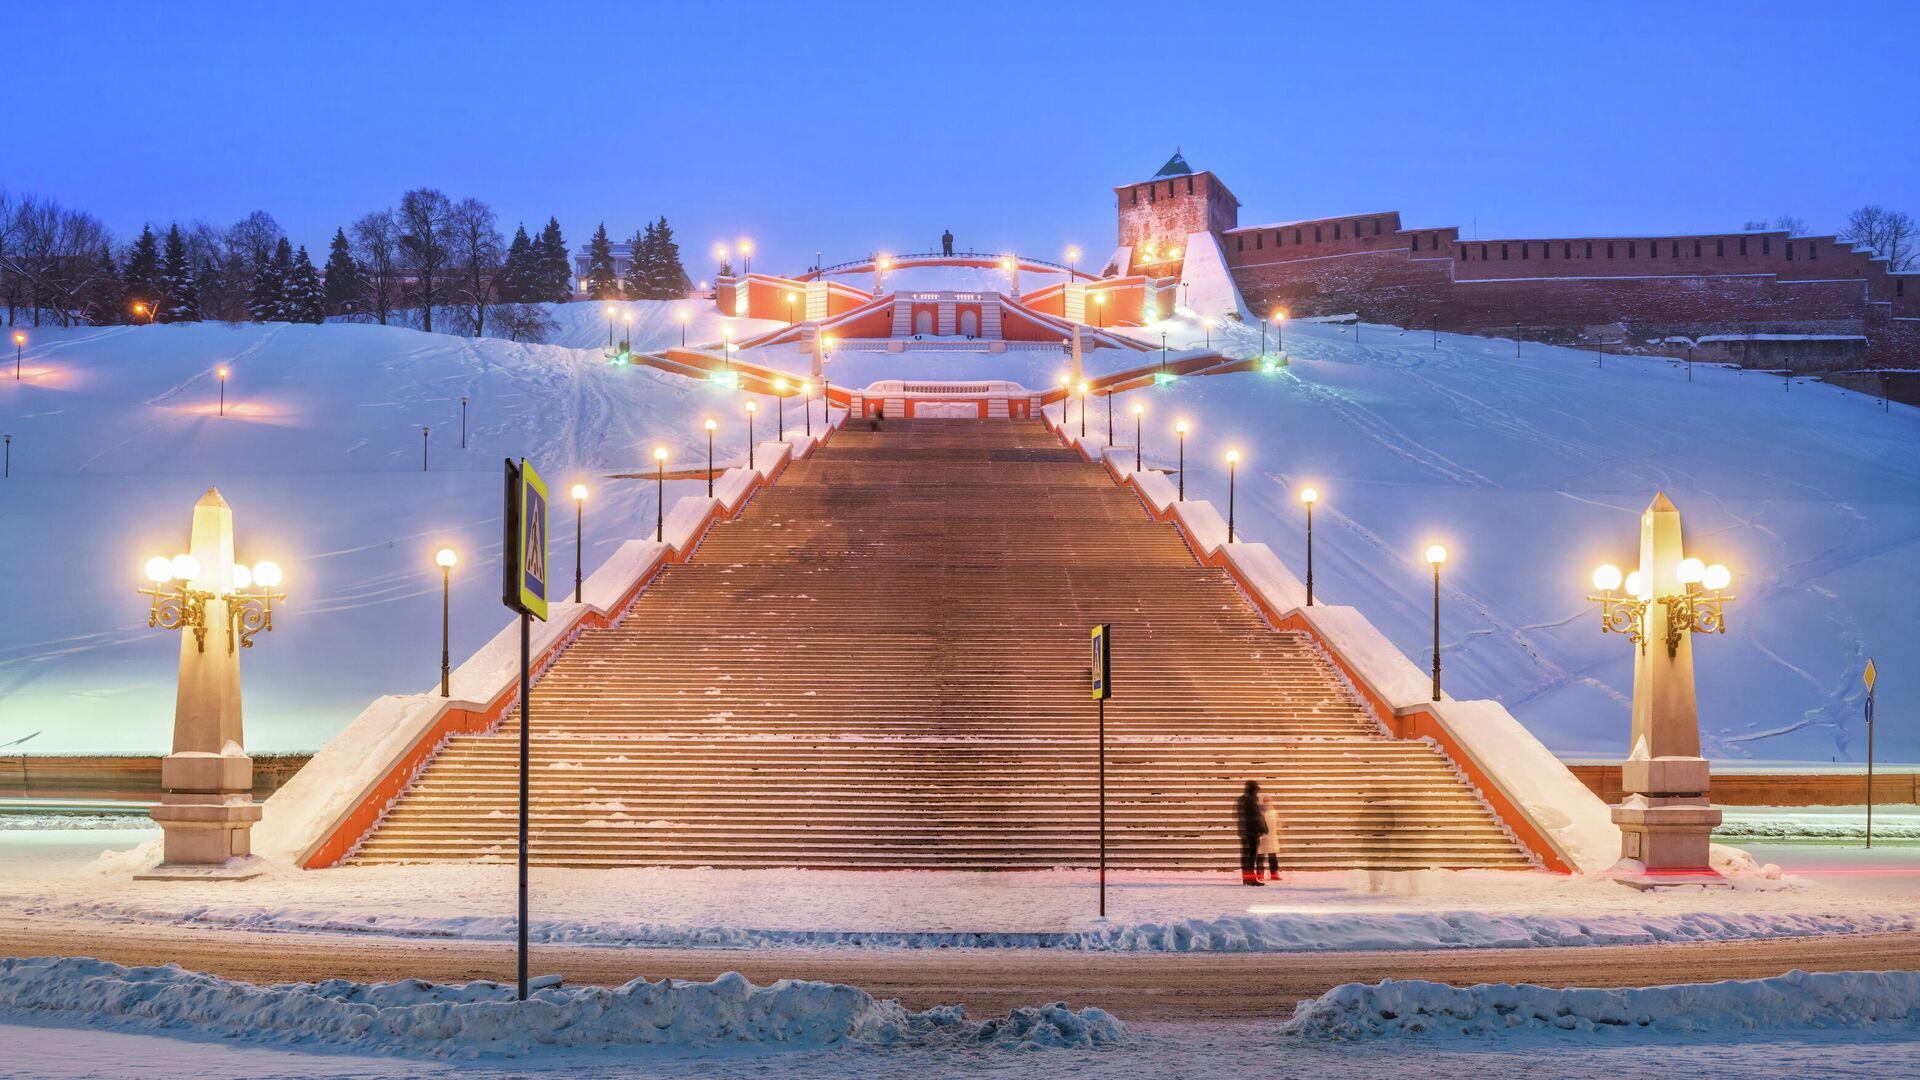 Чкаловская лестница - РИА Новости, 1920, 14.01.2021